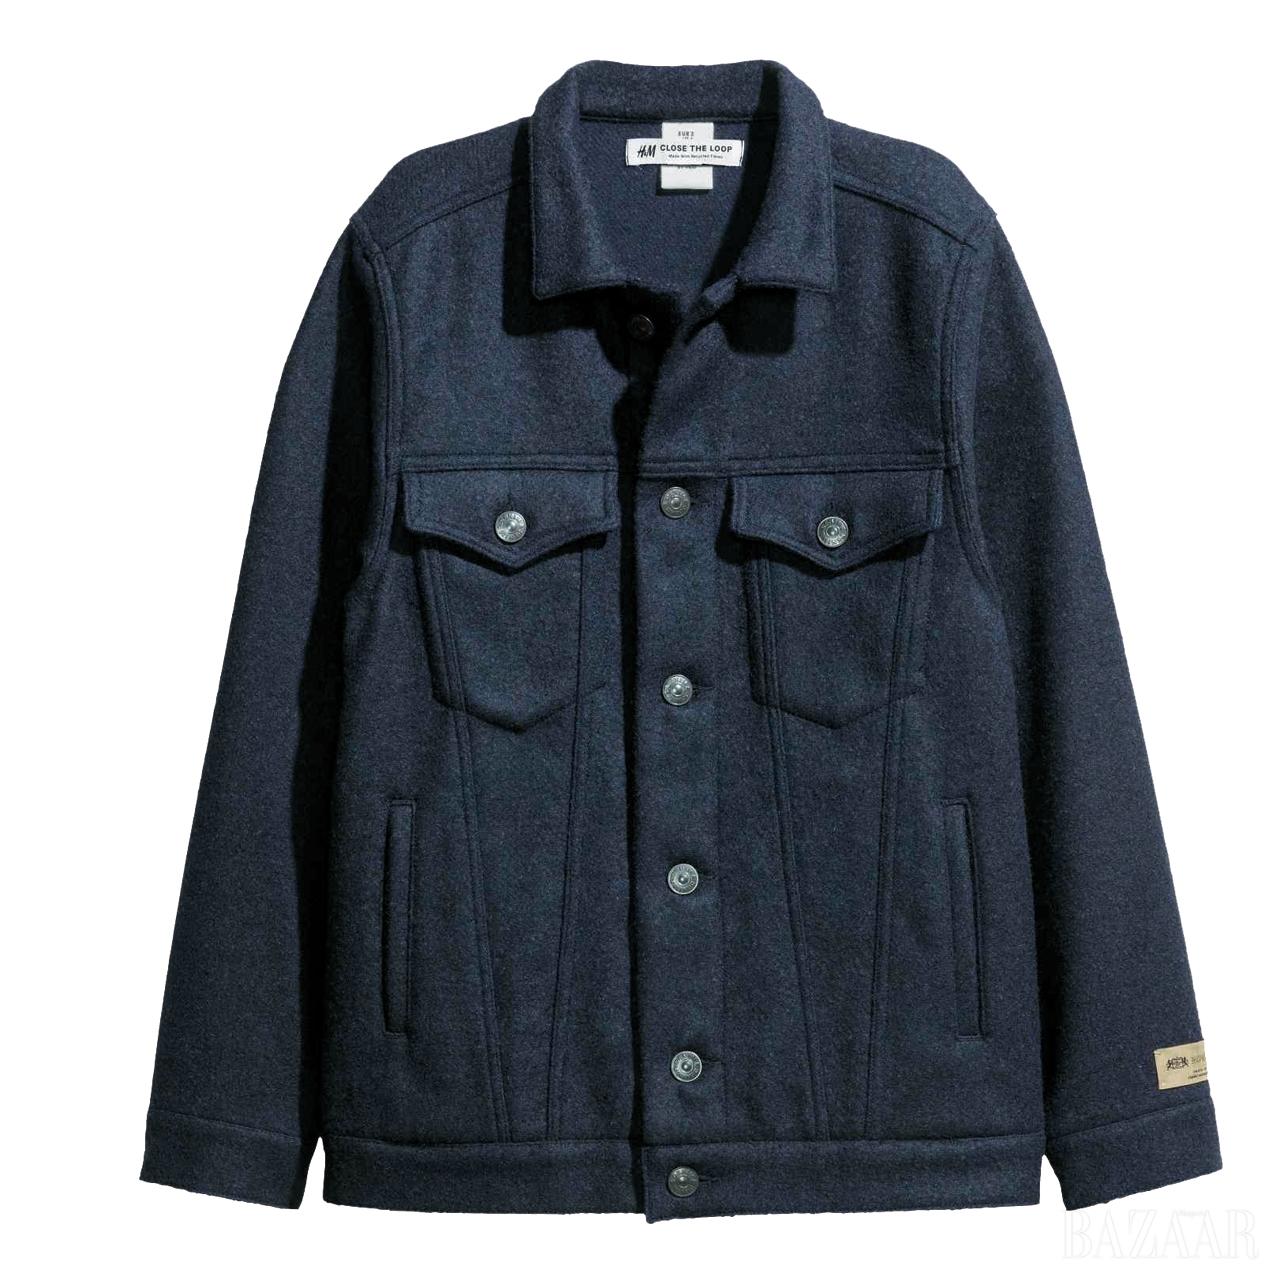 플랩 포켓이 돋보이는 울 재킷은 6만9천원으로 <strong>H&M</strong>